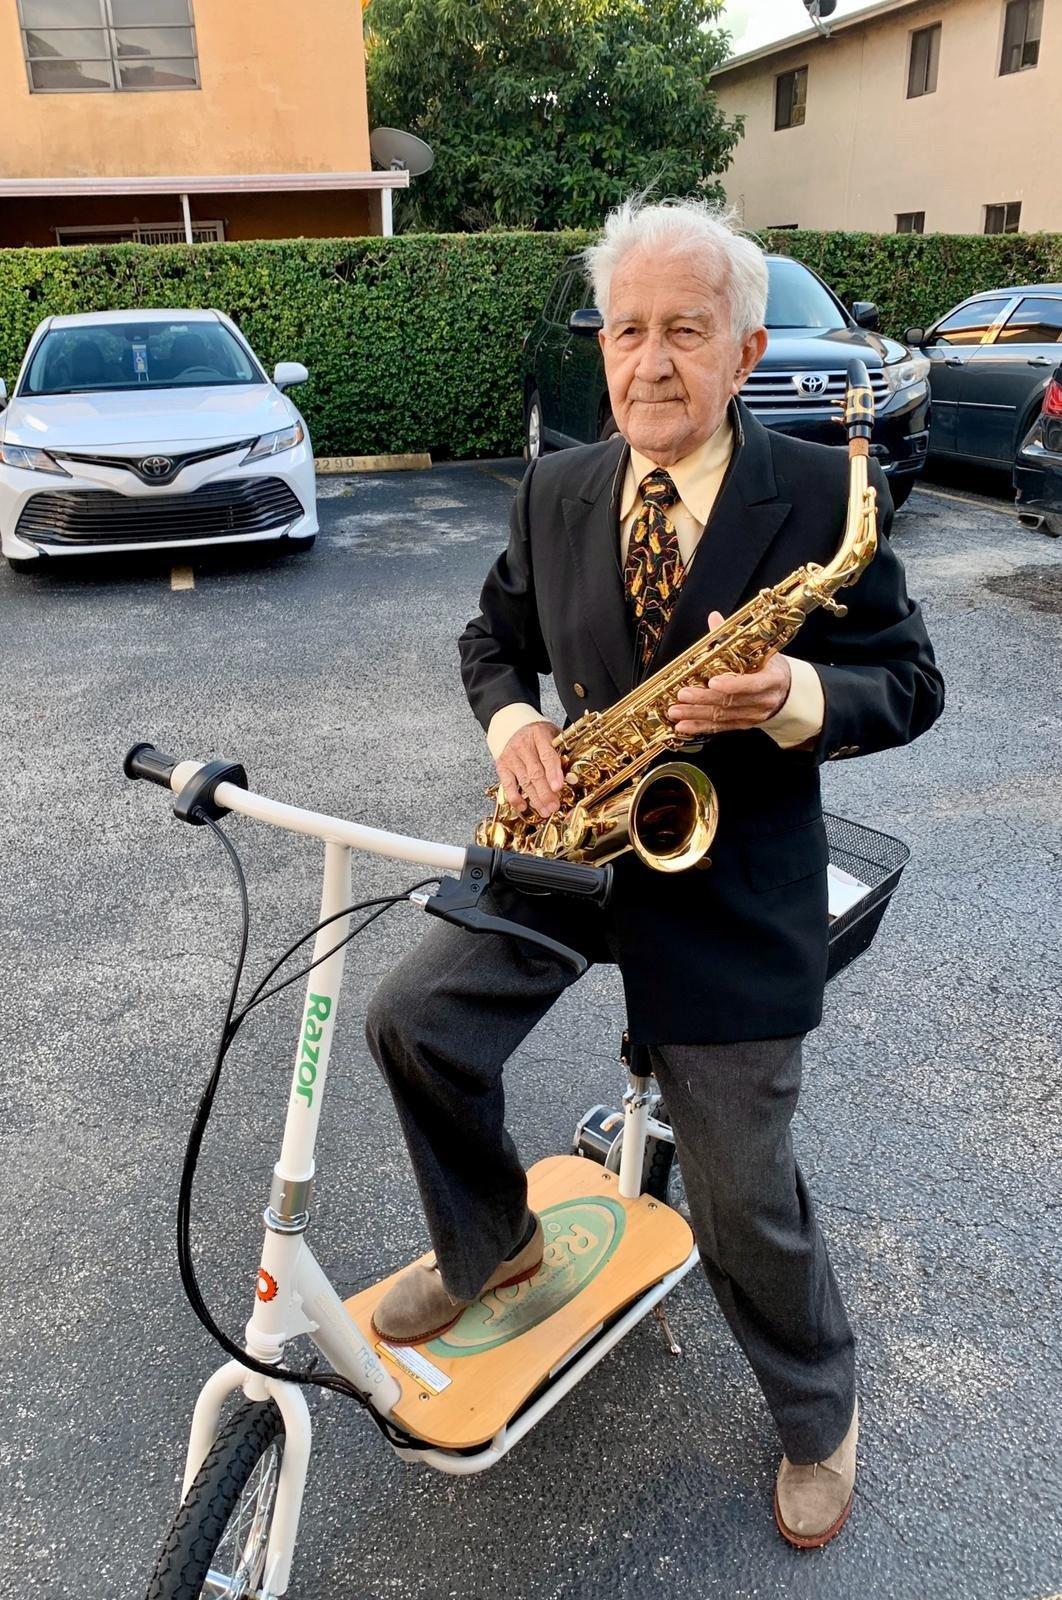 Fotografía cedida por Armando Nuviola donde aparece el saxofonista cubano Marcelino Figarola posando con su saxo en la ciudad de Hialeah, Florida (EE.UU.). Foto: EFE/Armando Nuviola.